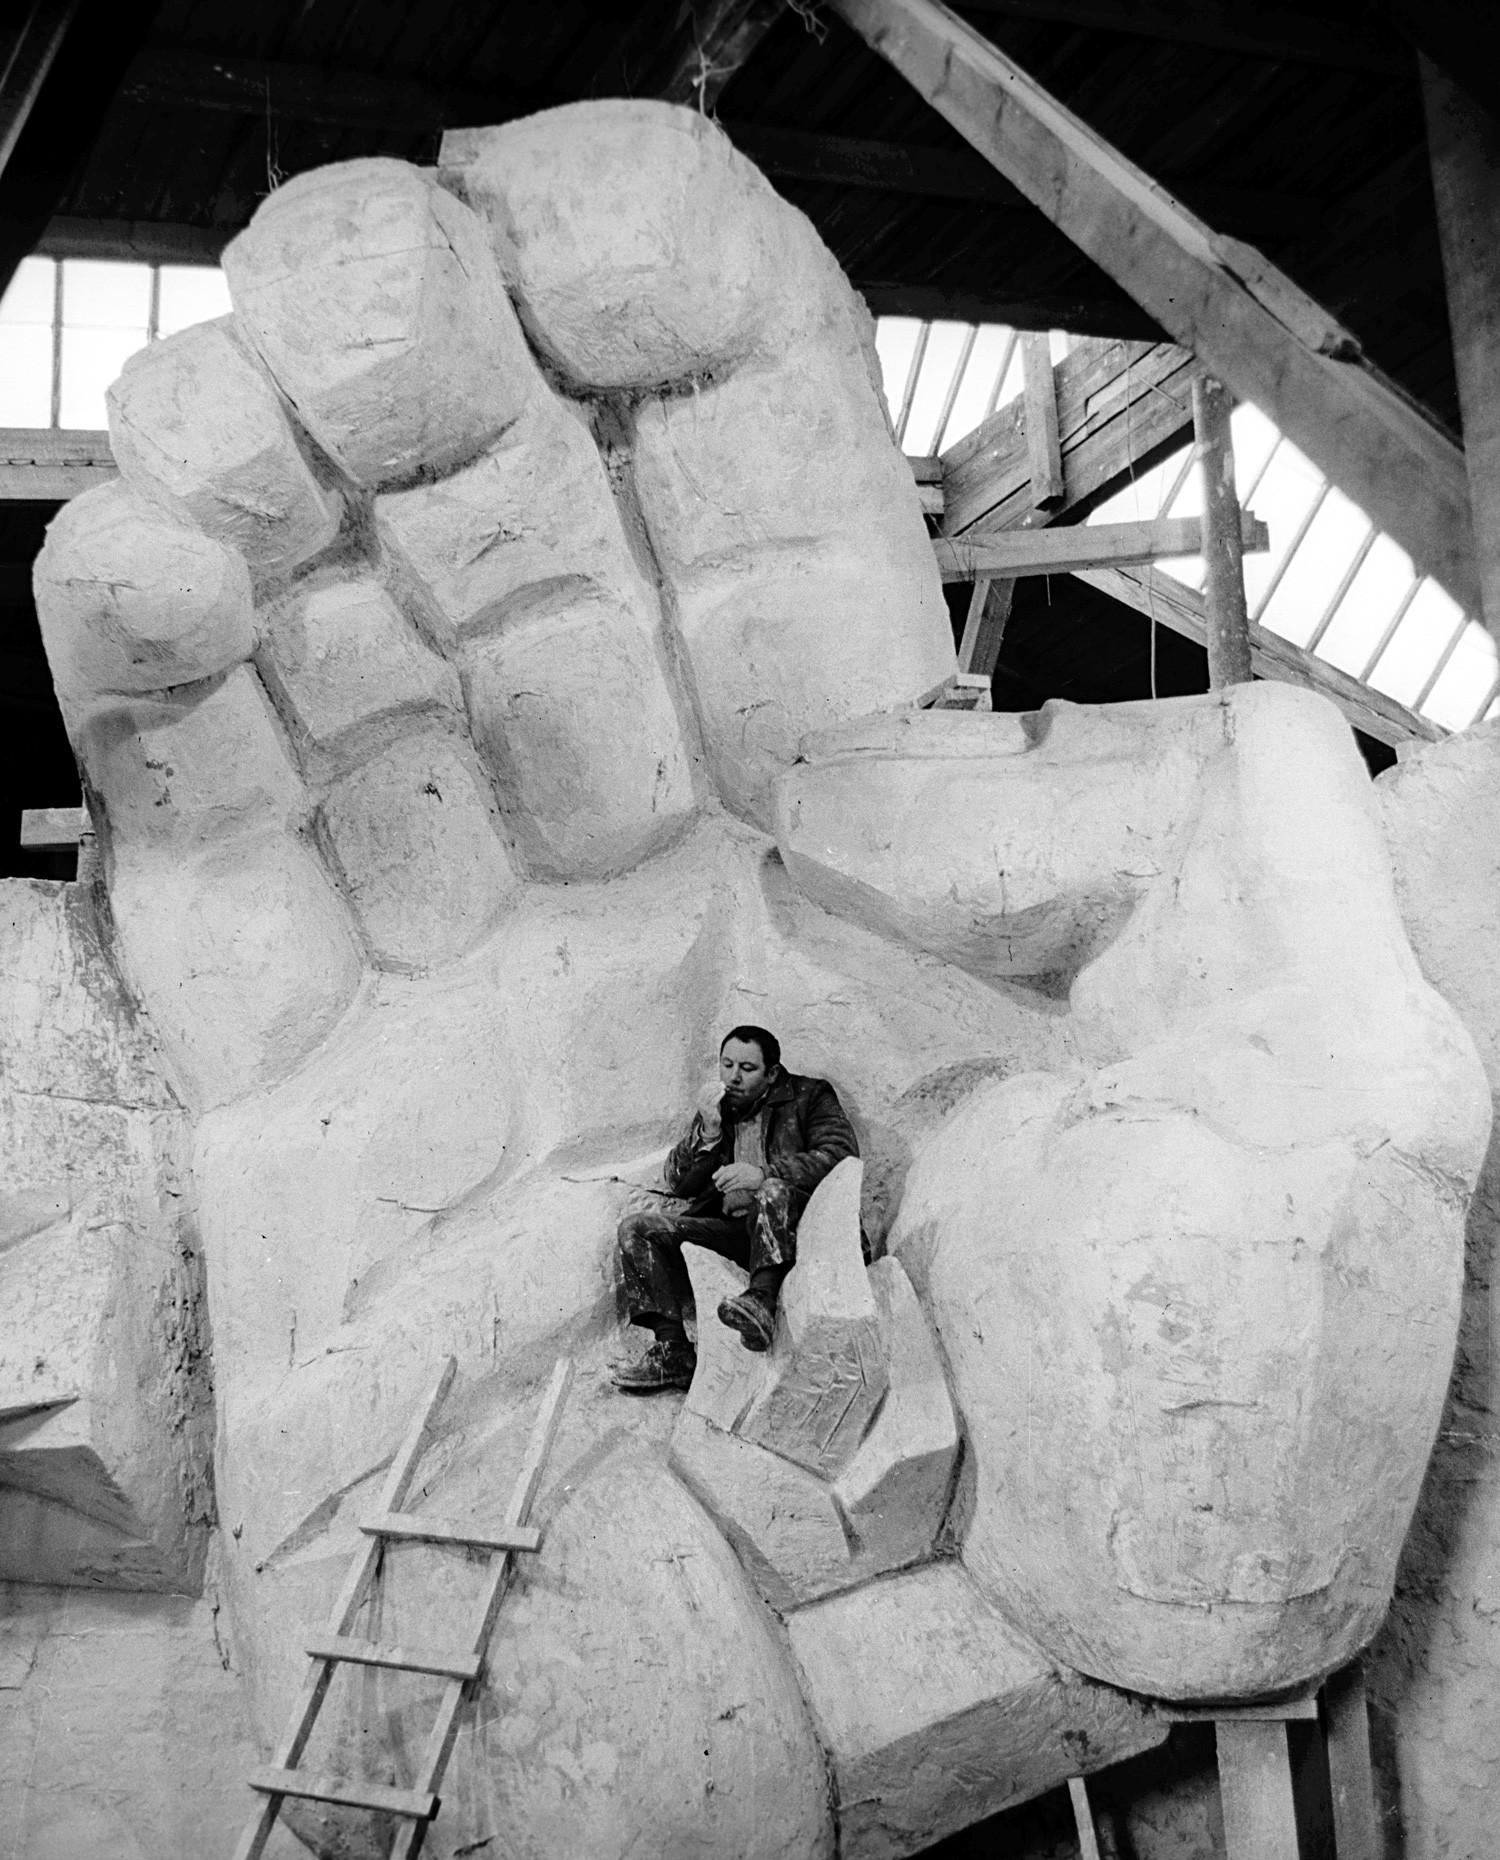 """Der talentierte russisch-amerikanische Bildhauer Ernst Neiswestnyj unterhielt sehr wechselhafte Beziehungen zur sowjetischen Macht. Chruschtschow nannte seine Werke gar """"degenerierte Kunst"""". 1976 verließ er die UdSSR, nannte dies jedoch stets eine persönliche Tragödie."""